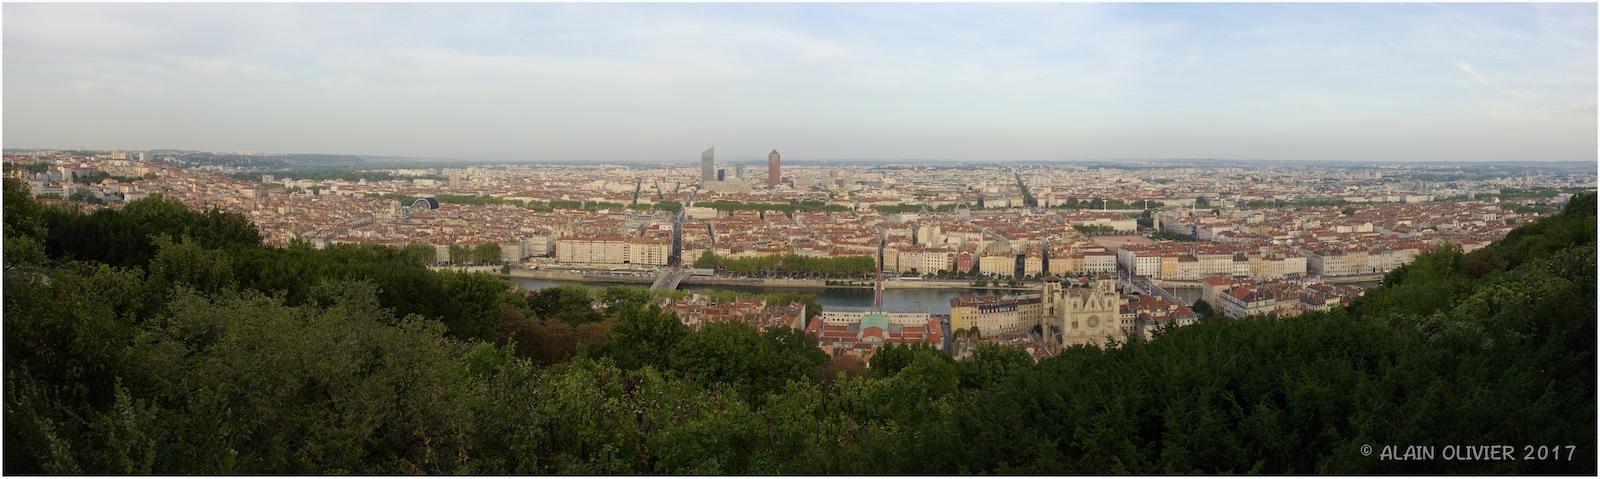 Entre Parc de la Tête d'Or et Vieux Lyon 36747133632_6a65d23849_o